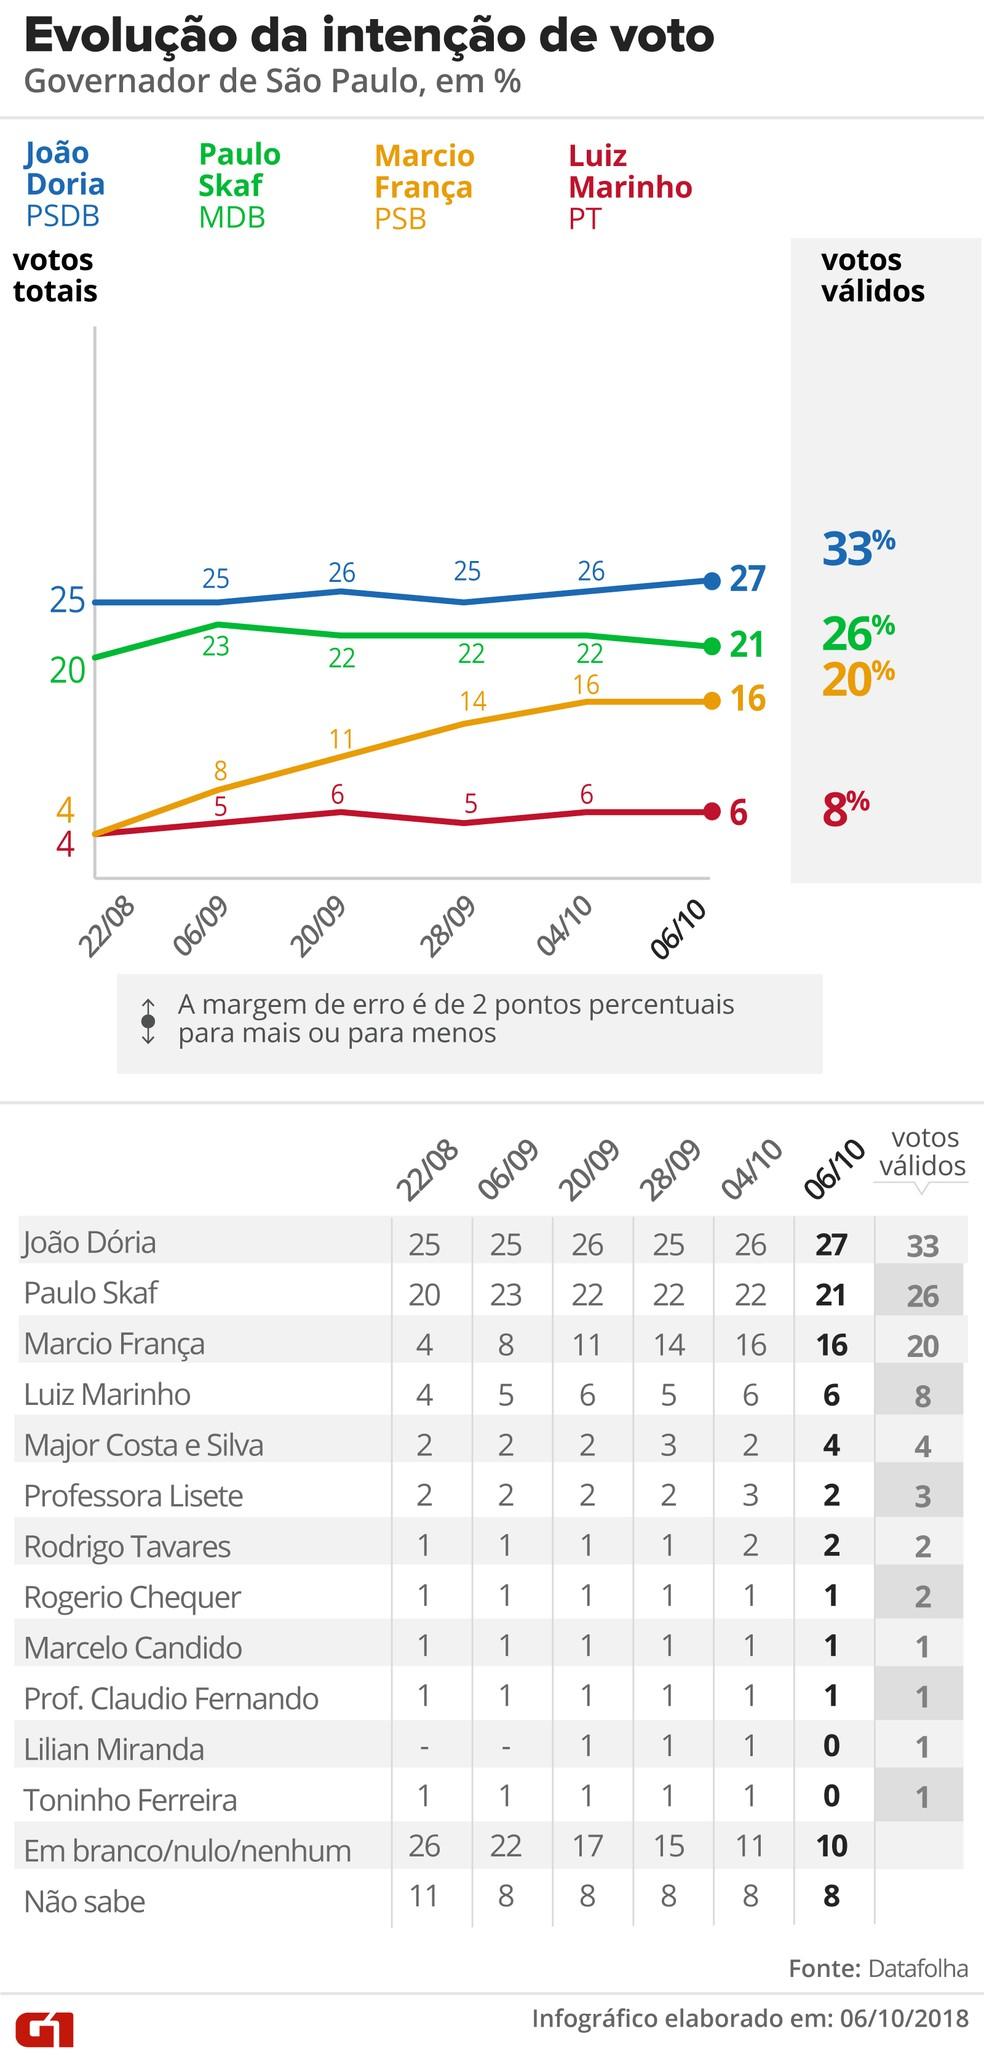 Veja a evolução da intenção de votos para governador de SP segundo o Datafolha — Foto: Editoria de Arte/G1